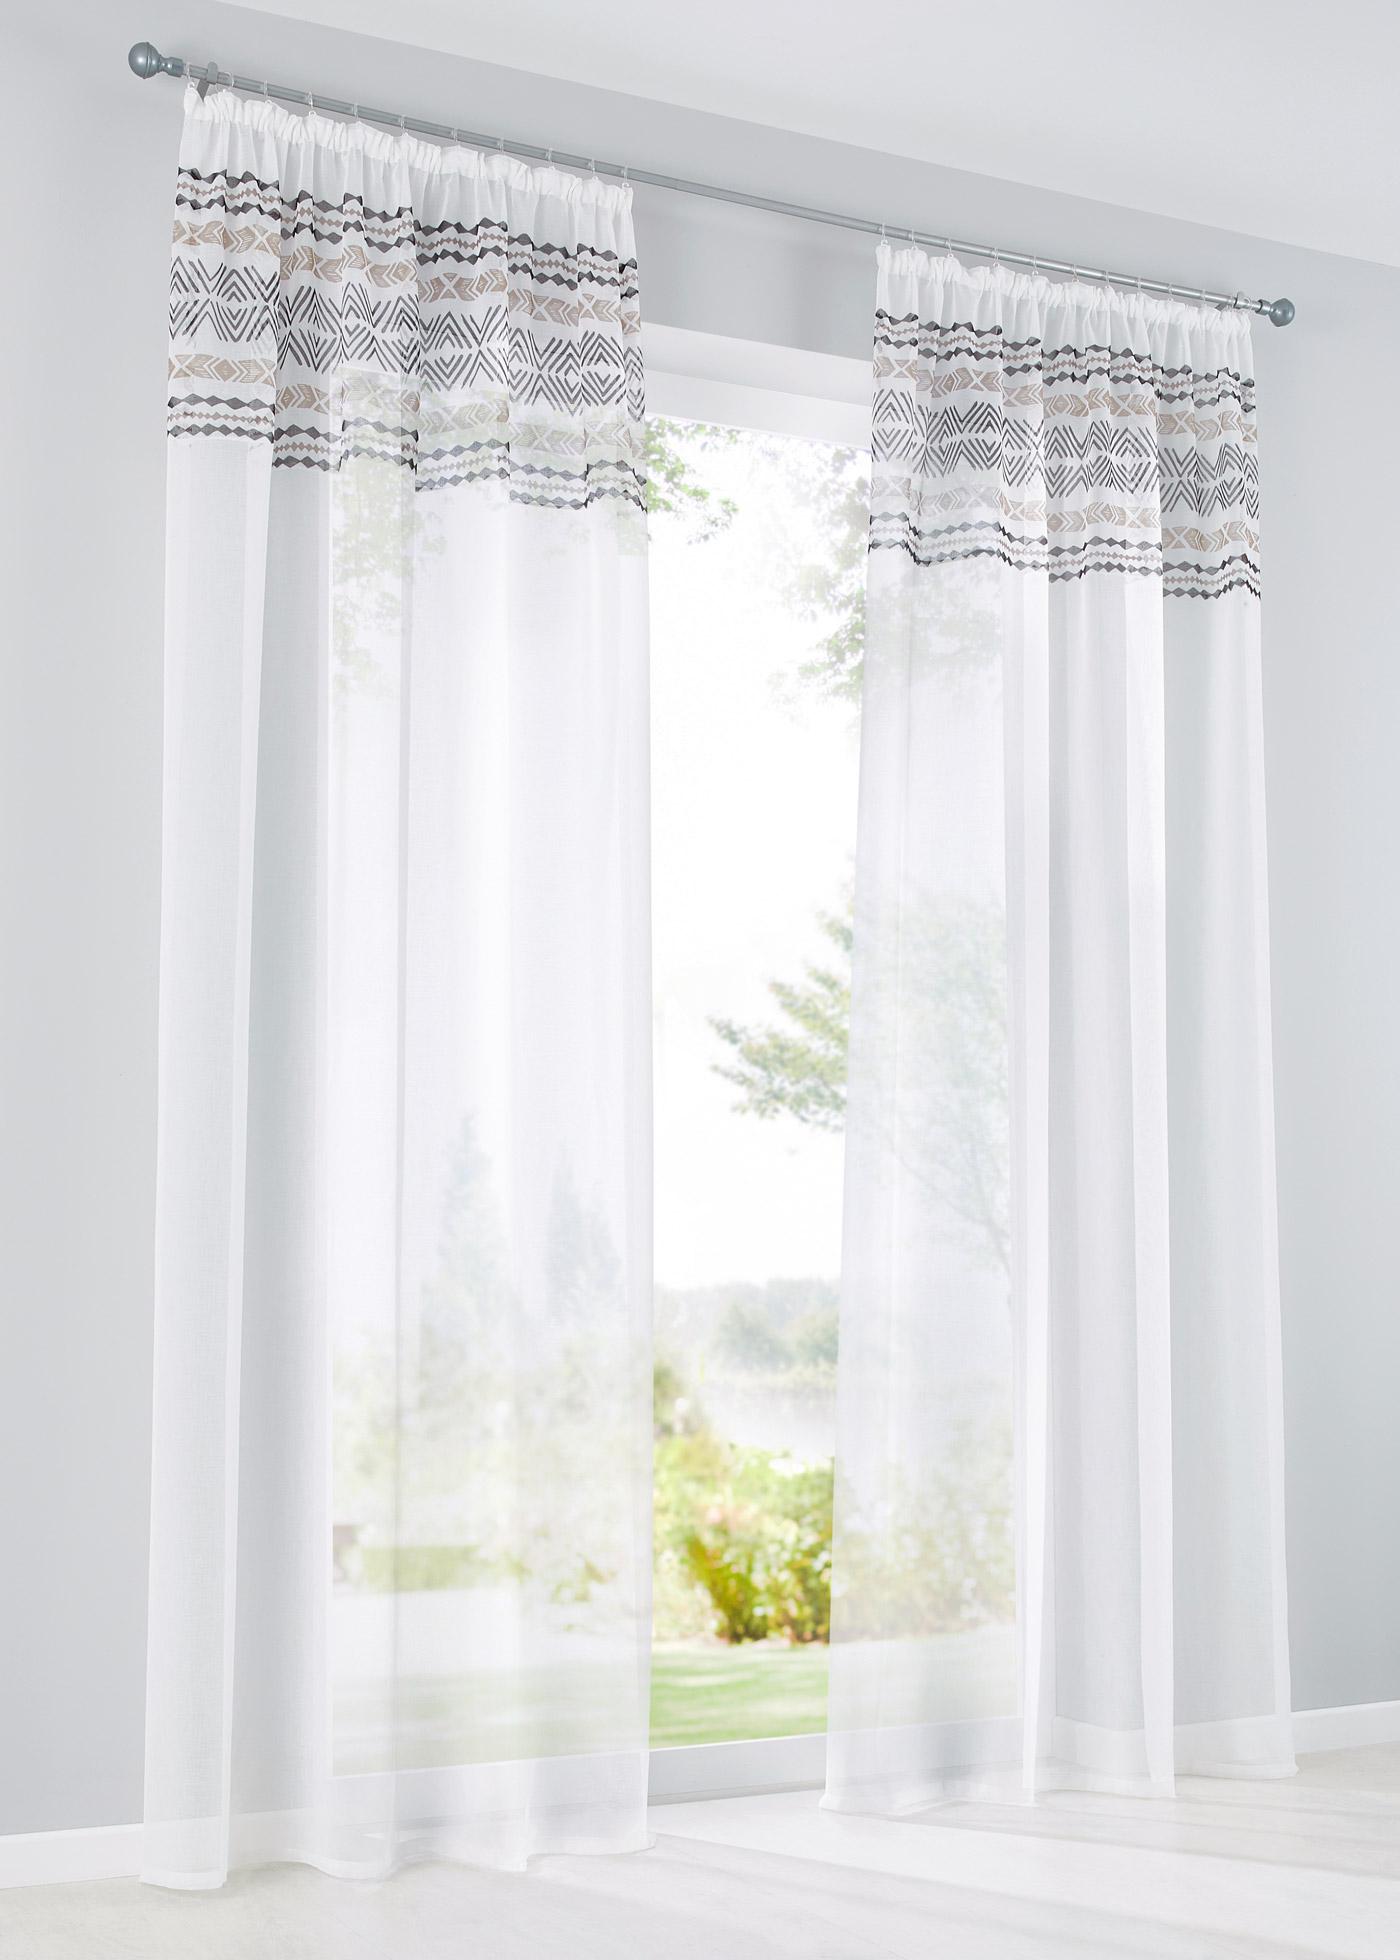 Voilage transparent à bordure imprimée, dimensions = dimensions du tissu.